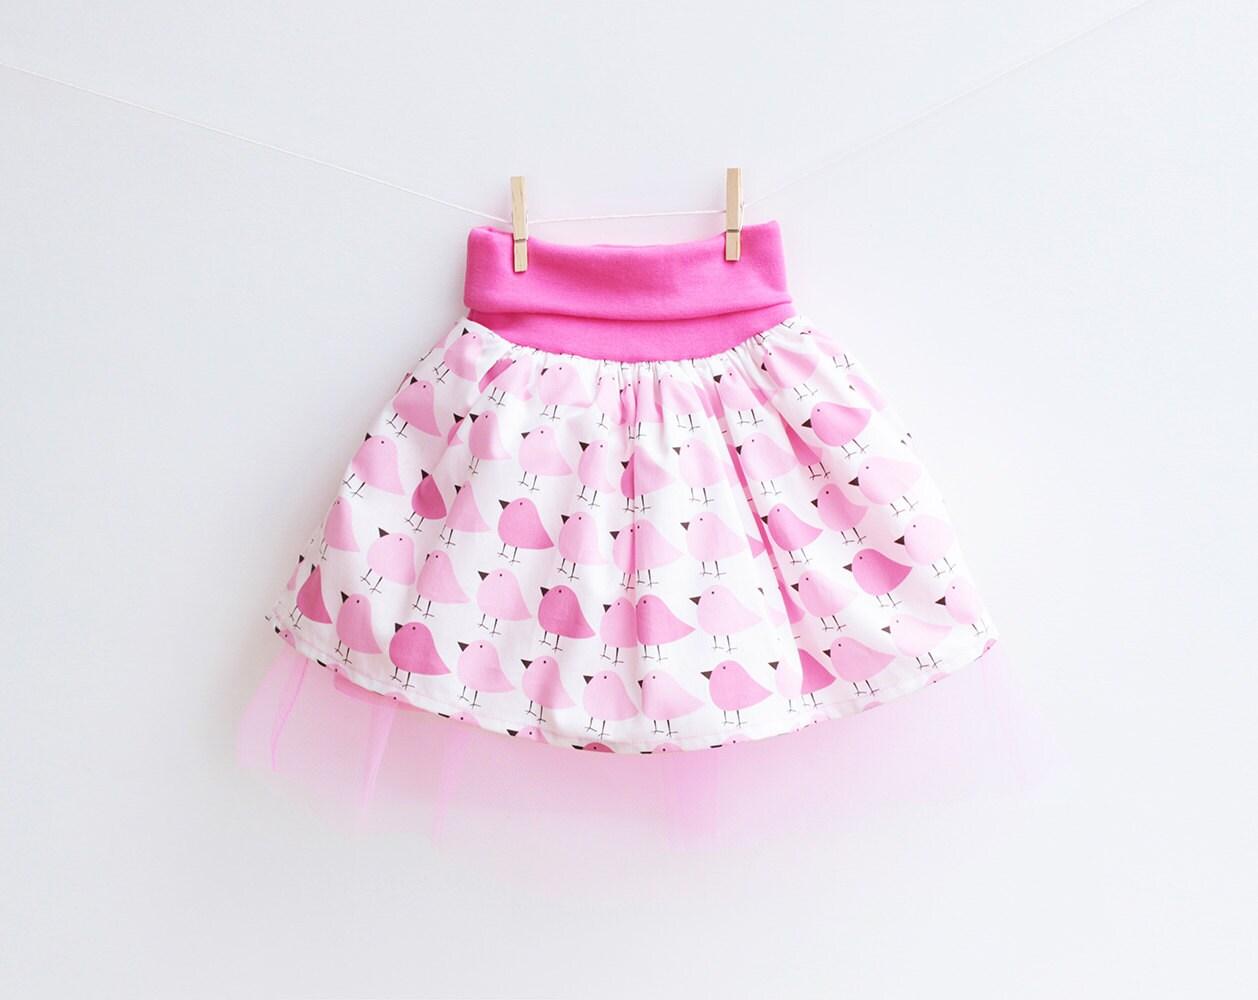 Girl baby girl skirt sewing pattern pdf woodland tulle skirt girl baby girl skirt sewing pattern pdf woodland tulle skirt baby girl toddler 6m 9m 12m 18m 1 2 3 4 5 6 7 8 9 10 years jeuxipadfo Gallery